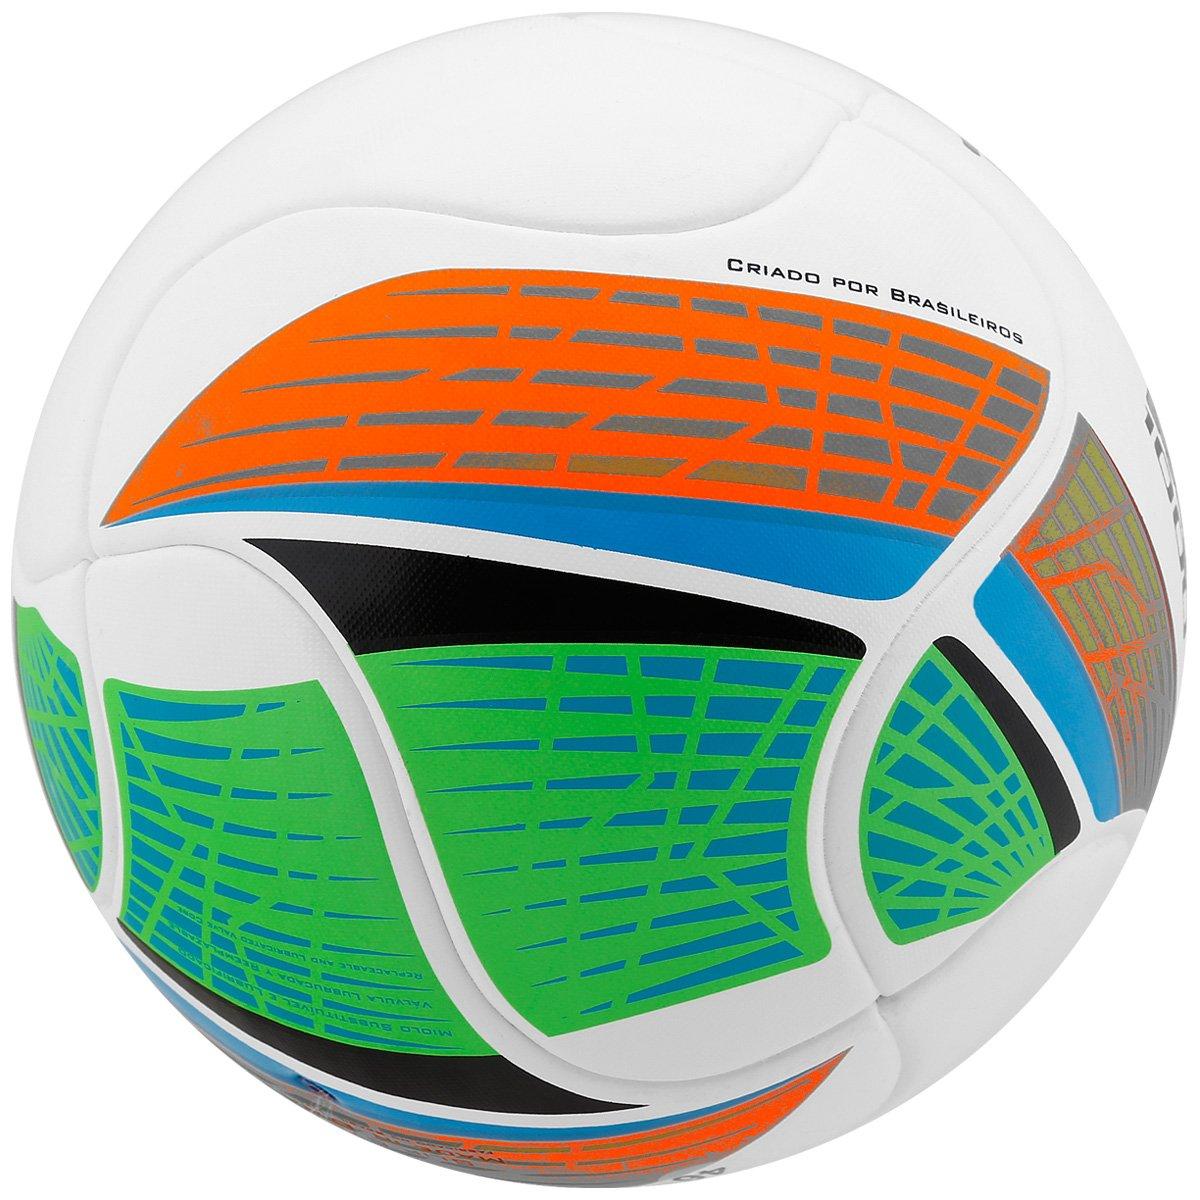 Bola Futebol Penalty Bola Futebol Max 1000 5 Futsal - Compre Agora ... a0a29608a302f